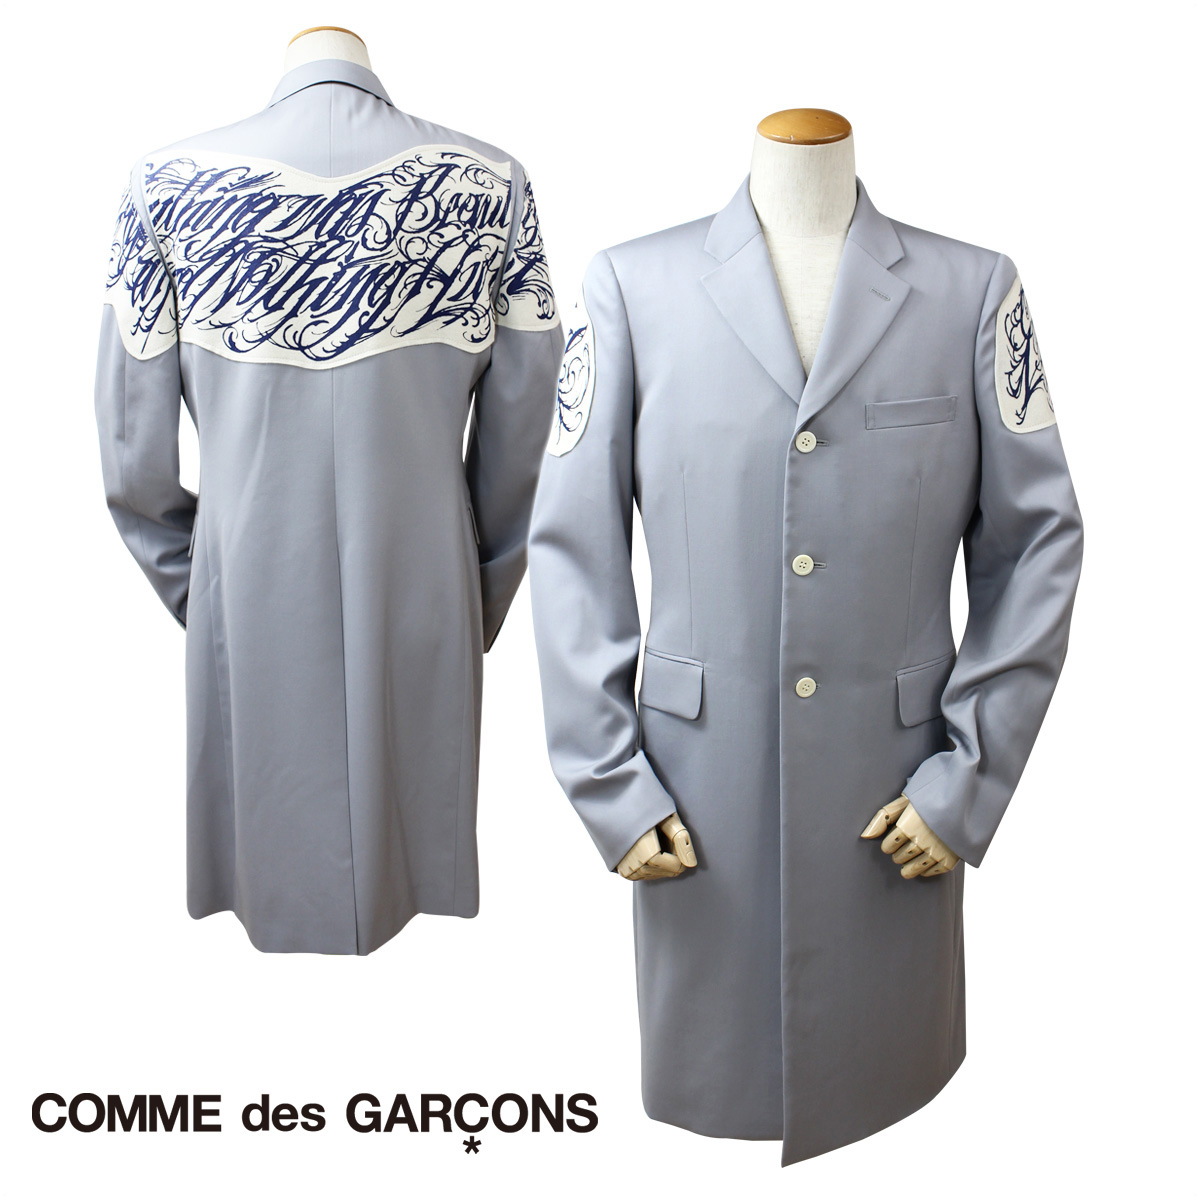 コムデギャルソン オムプリュス ジャケット COMME des GARCONS HOMME PLUS ロングコート グレー メンズ 【決算セール 返品不可】